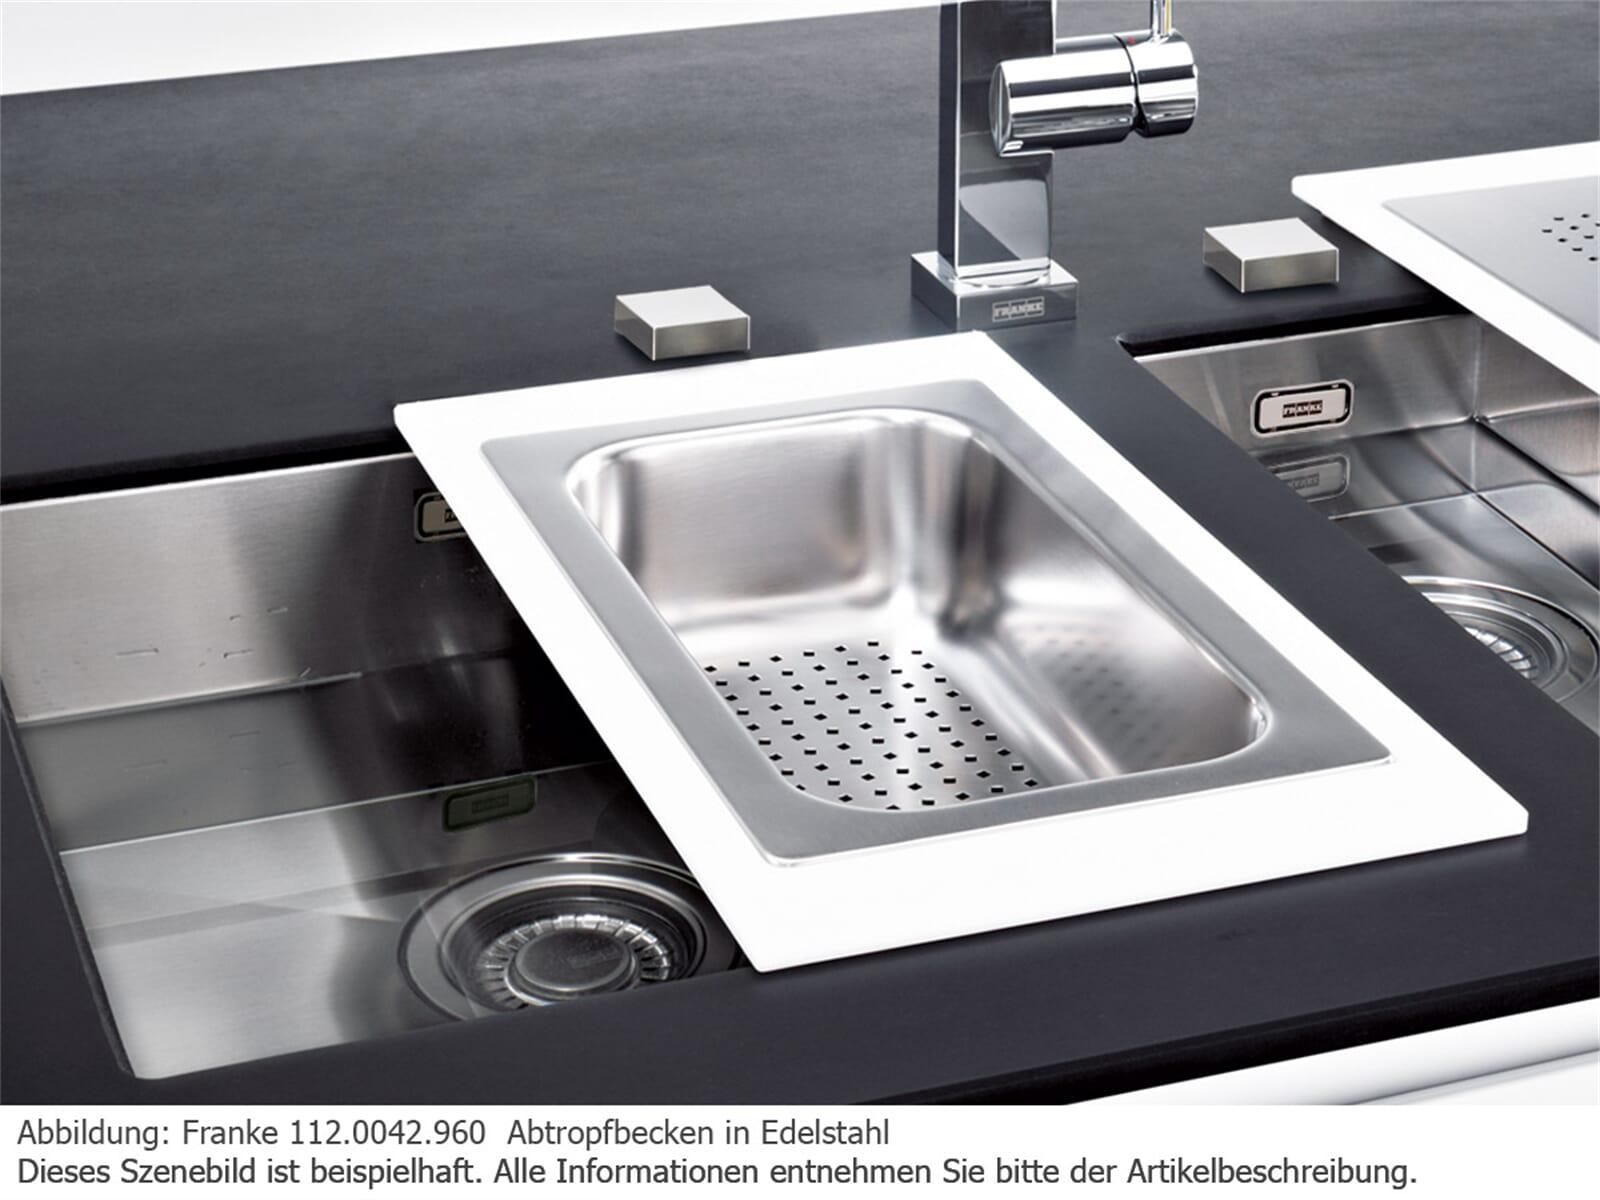 franke abtropfbecken edelstahl. Black Bedroom Furniture Sets. Home Design Ideas